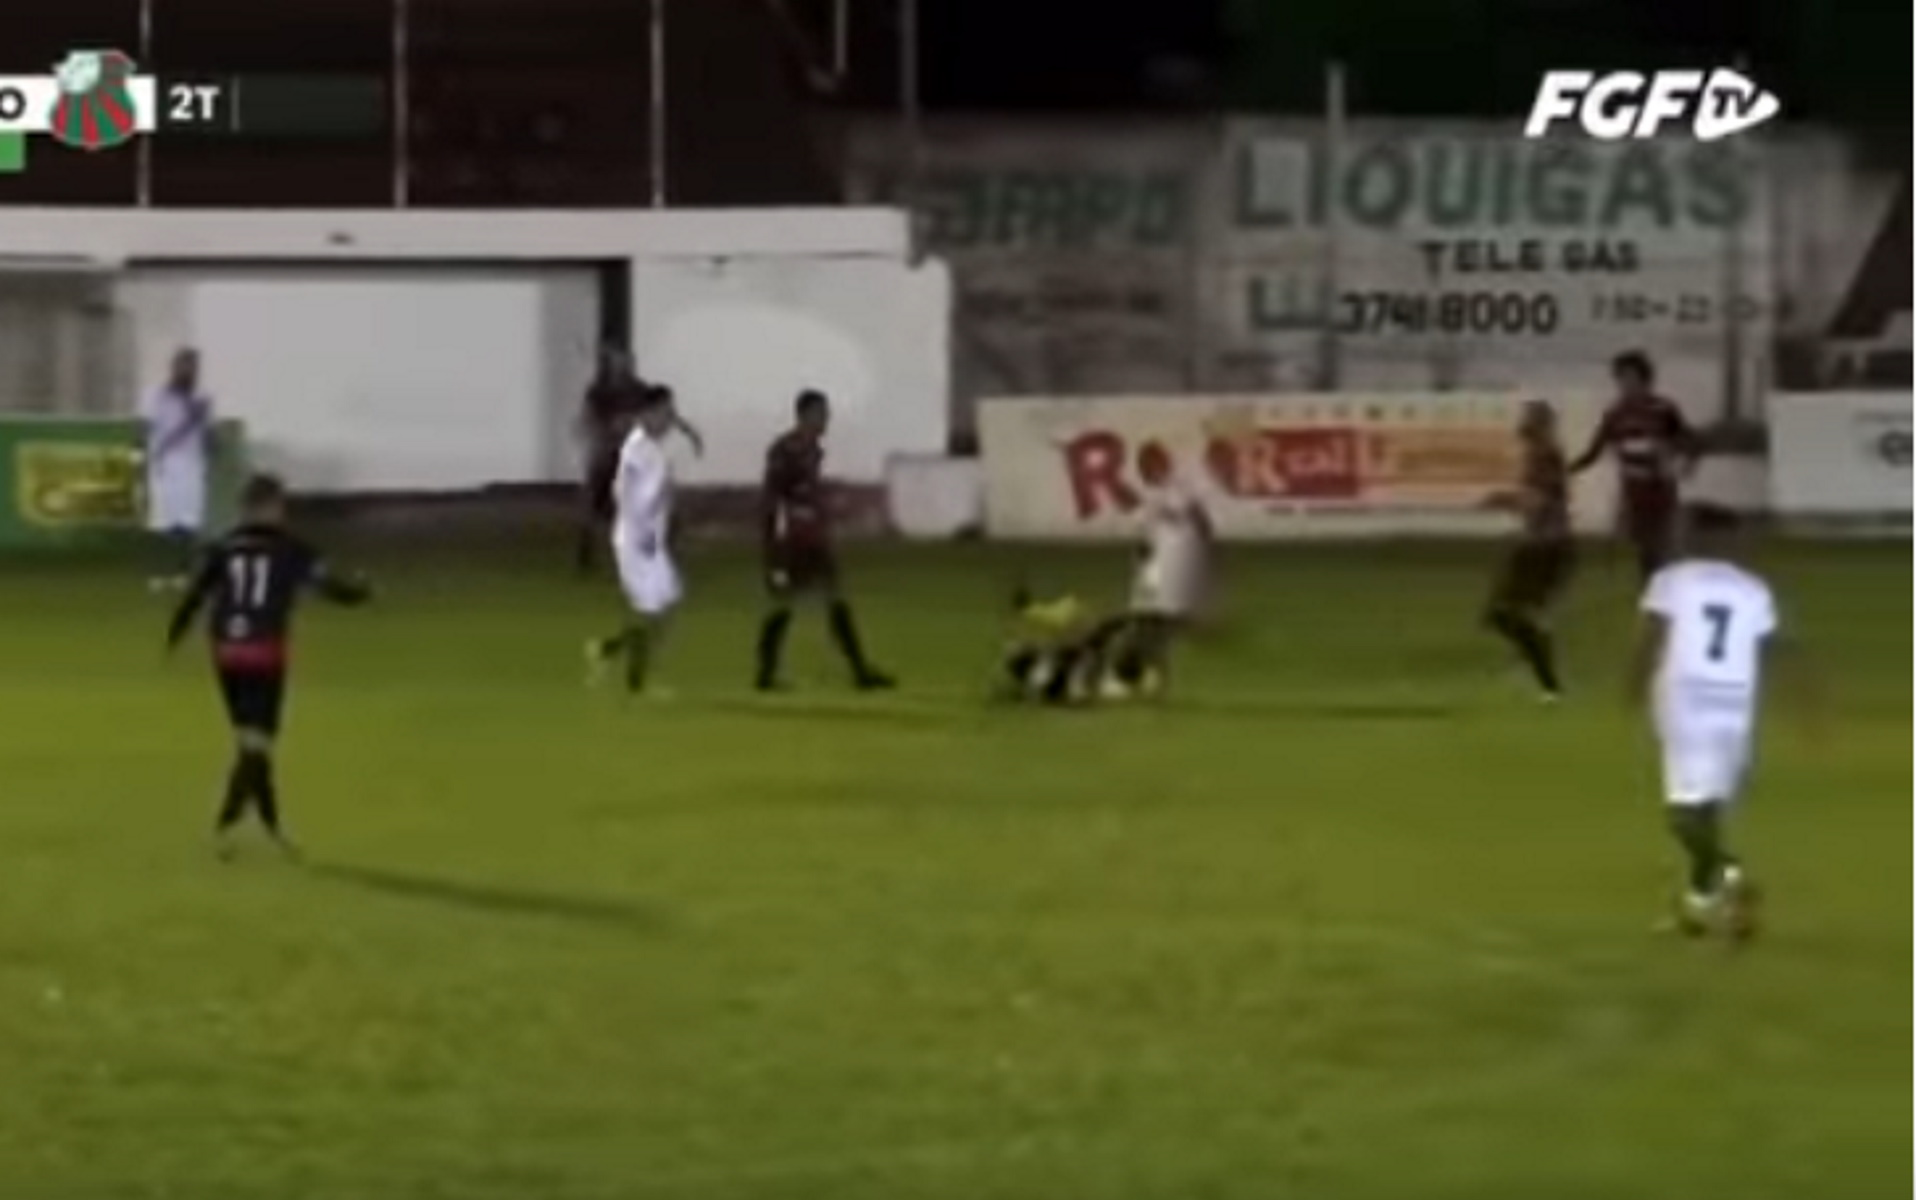 Για απόπειρα δολοφονίας κατηγορείται ο ποδοσφαιριστής που κλώτσησε διαιτητή στο κεφάλι